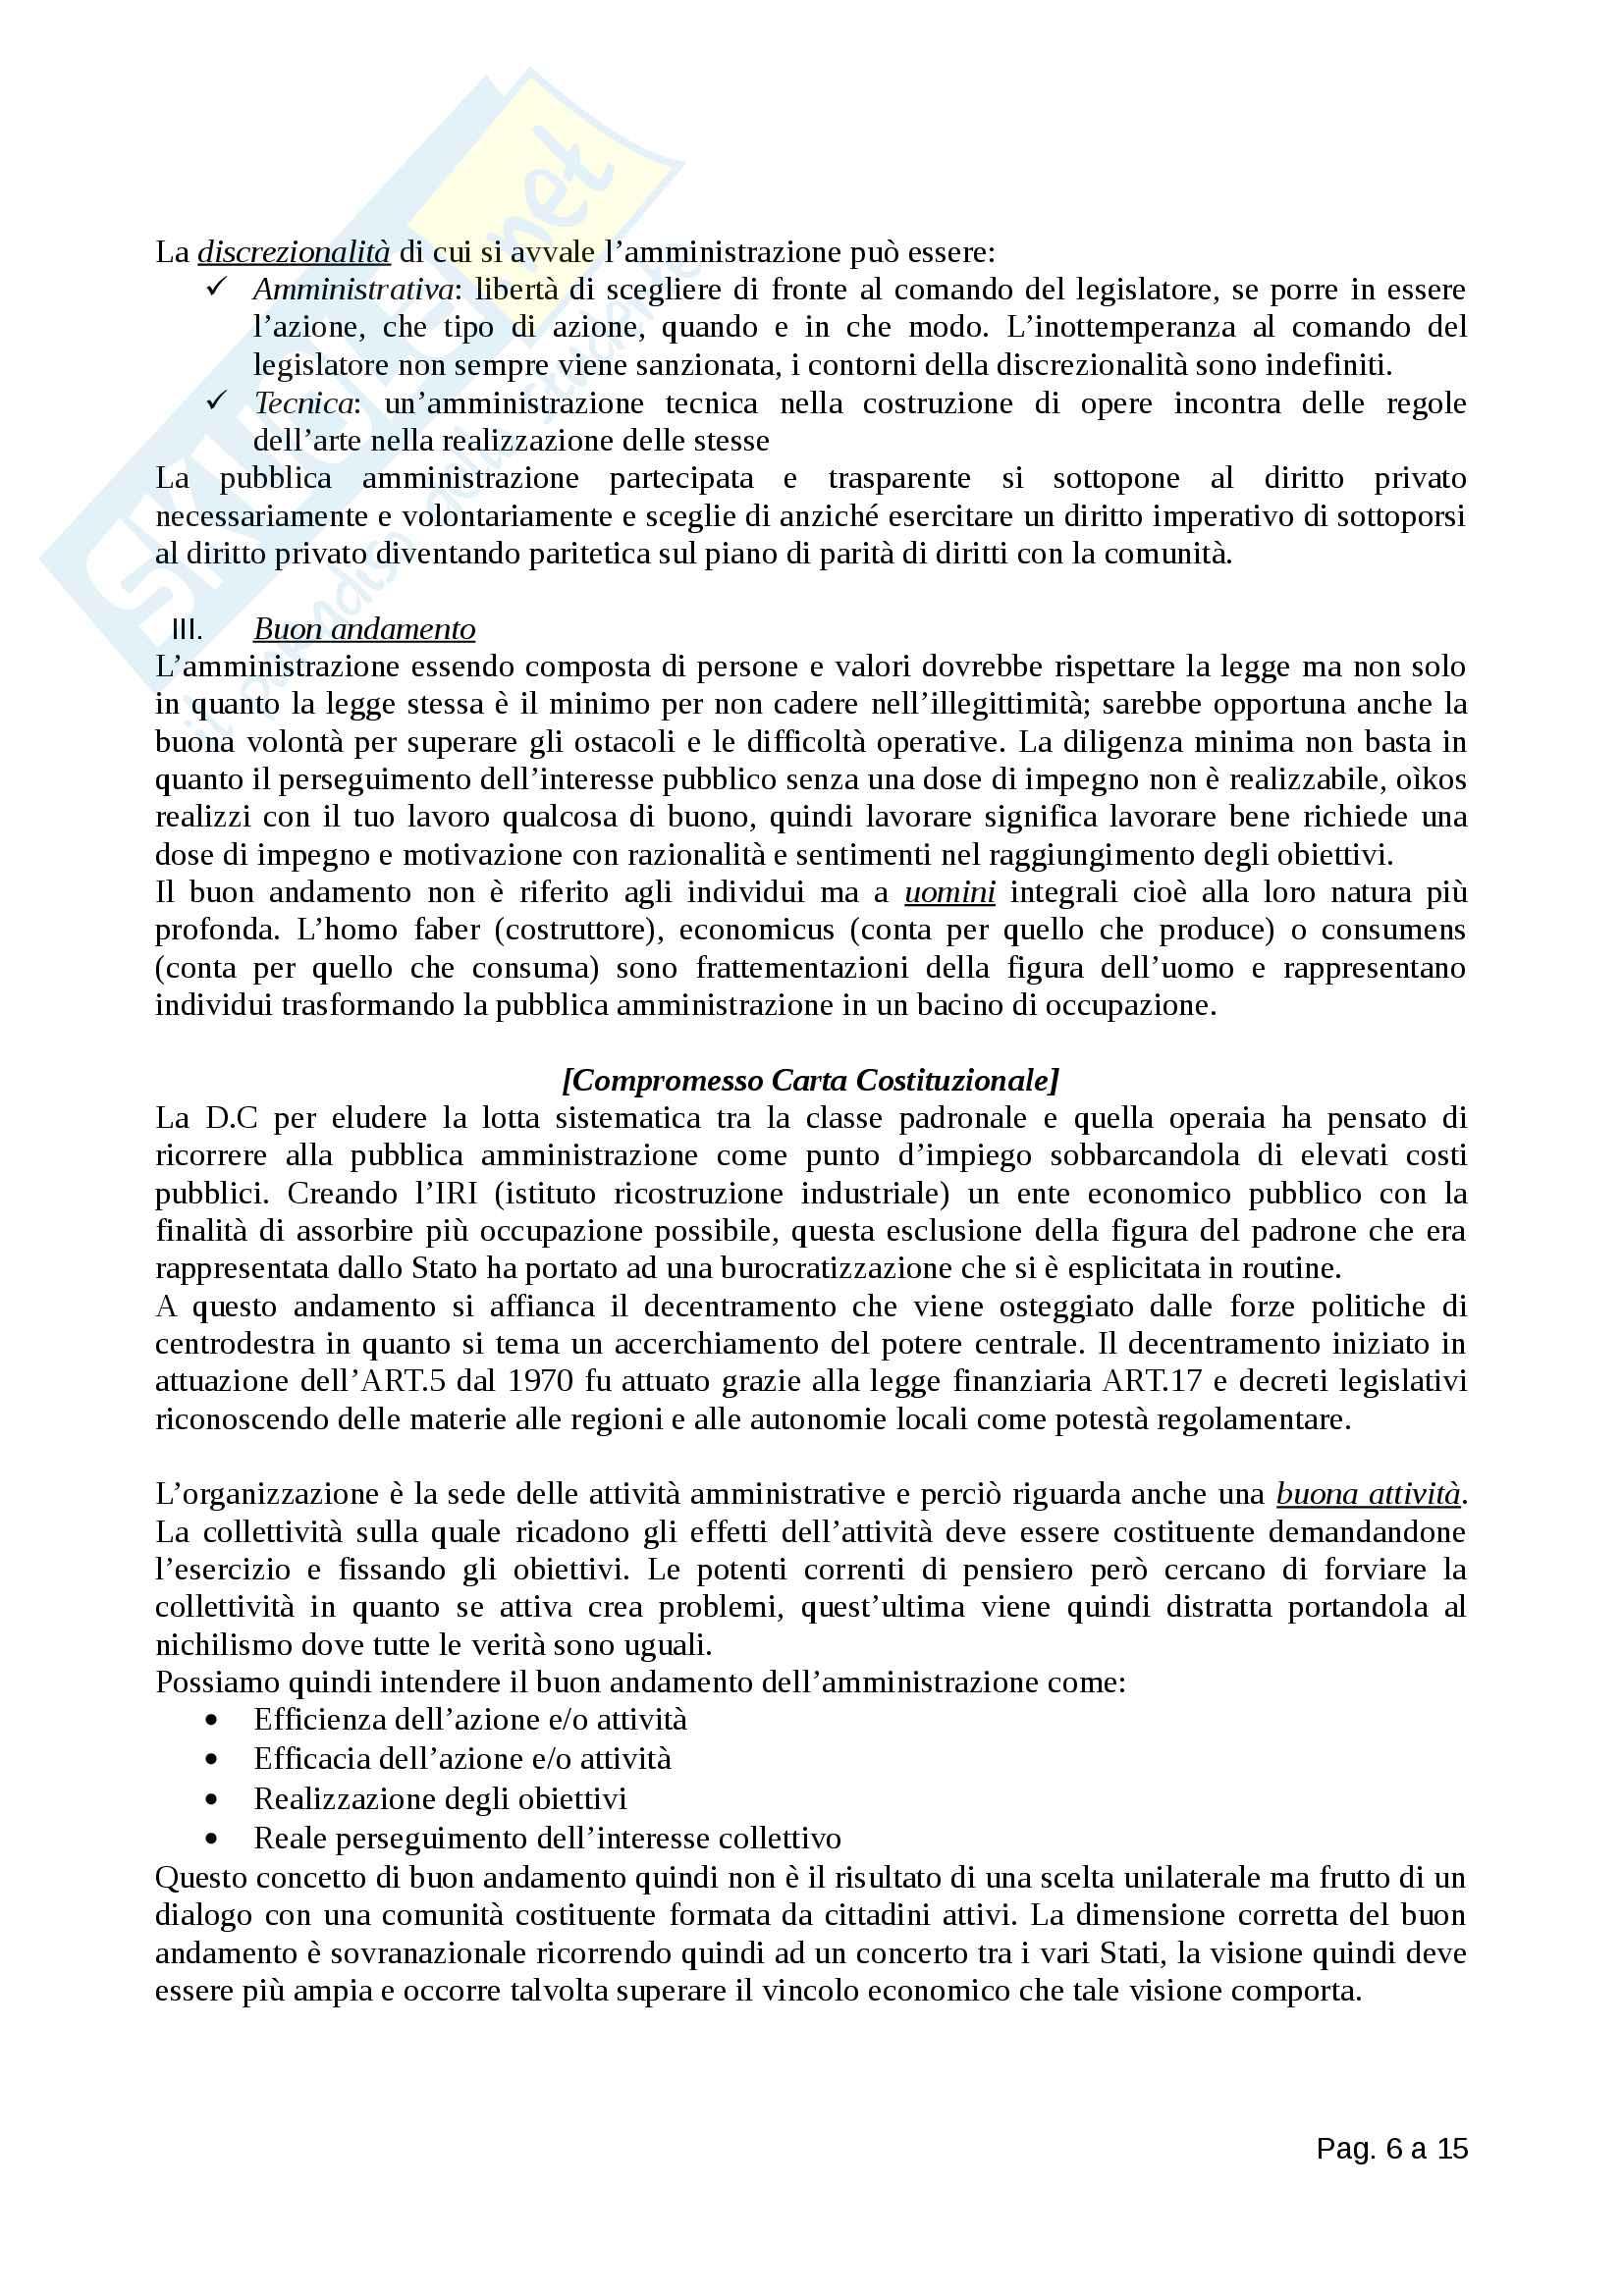 Diritto Amministrativo - Totale Pag. 6